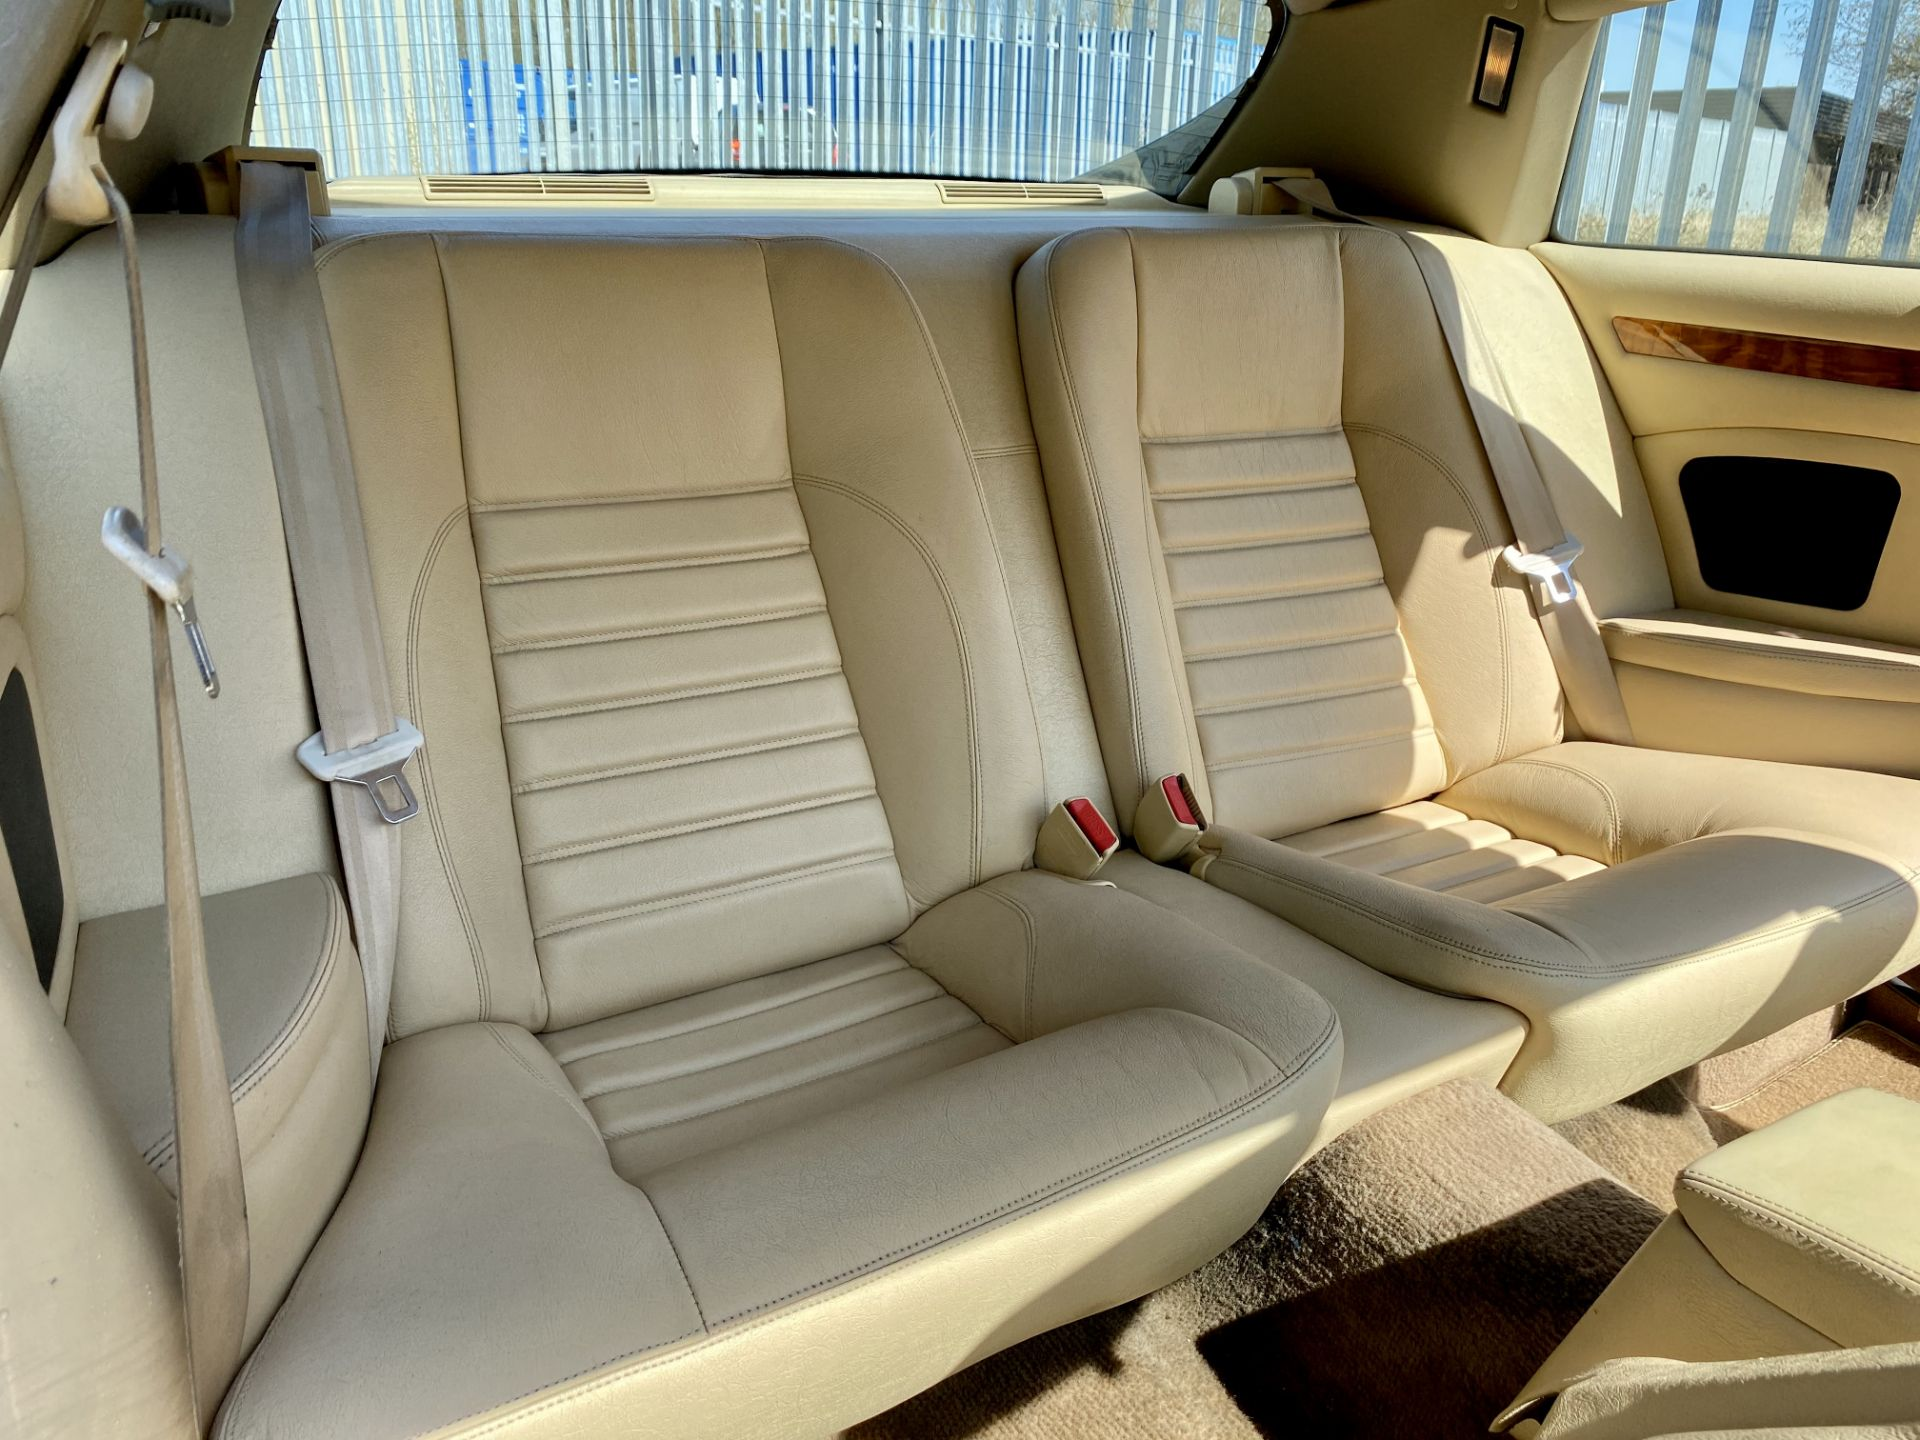 Jaguar XJS coupe - Image 51 of 64